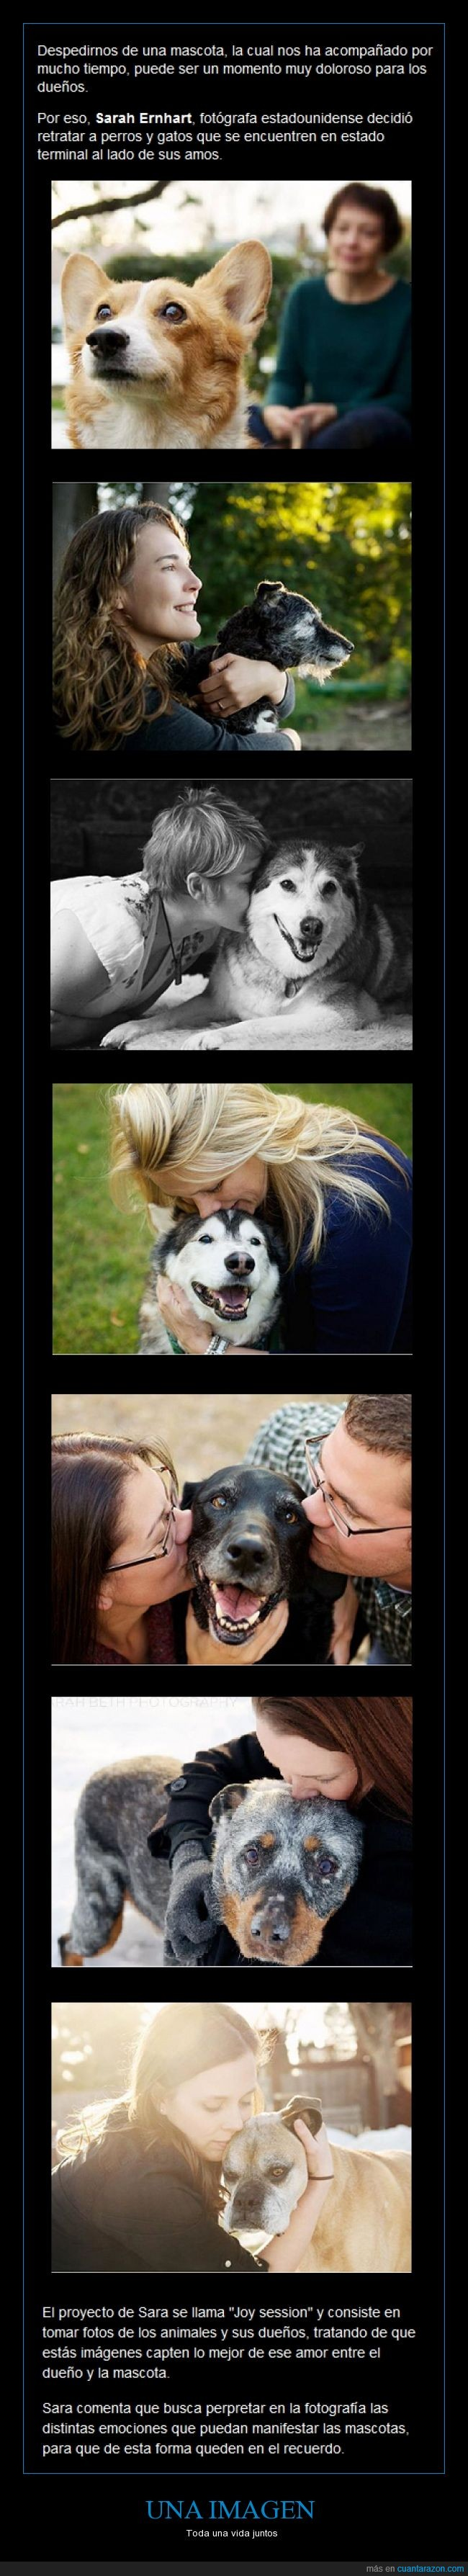 Adiós,Amigos,Amor,Emotivo,Fase terminal,Fotógrafa,No encontré ninguna foto de dueños y gatos,Perro,Sesión,Triste